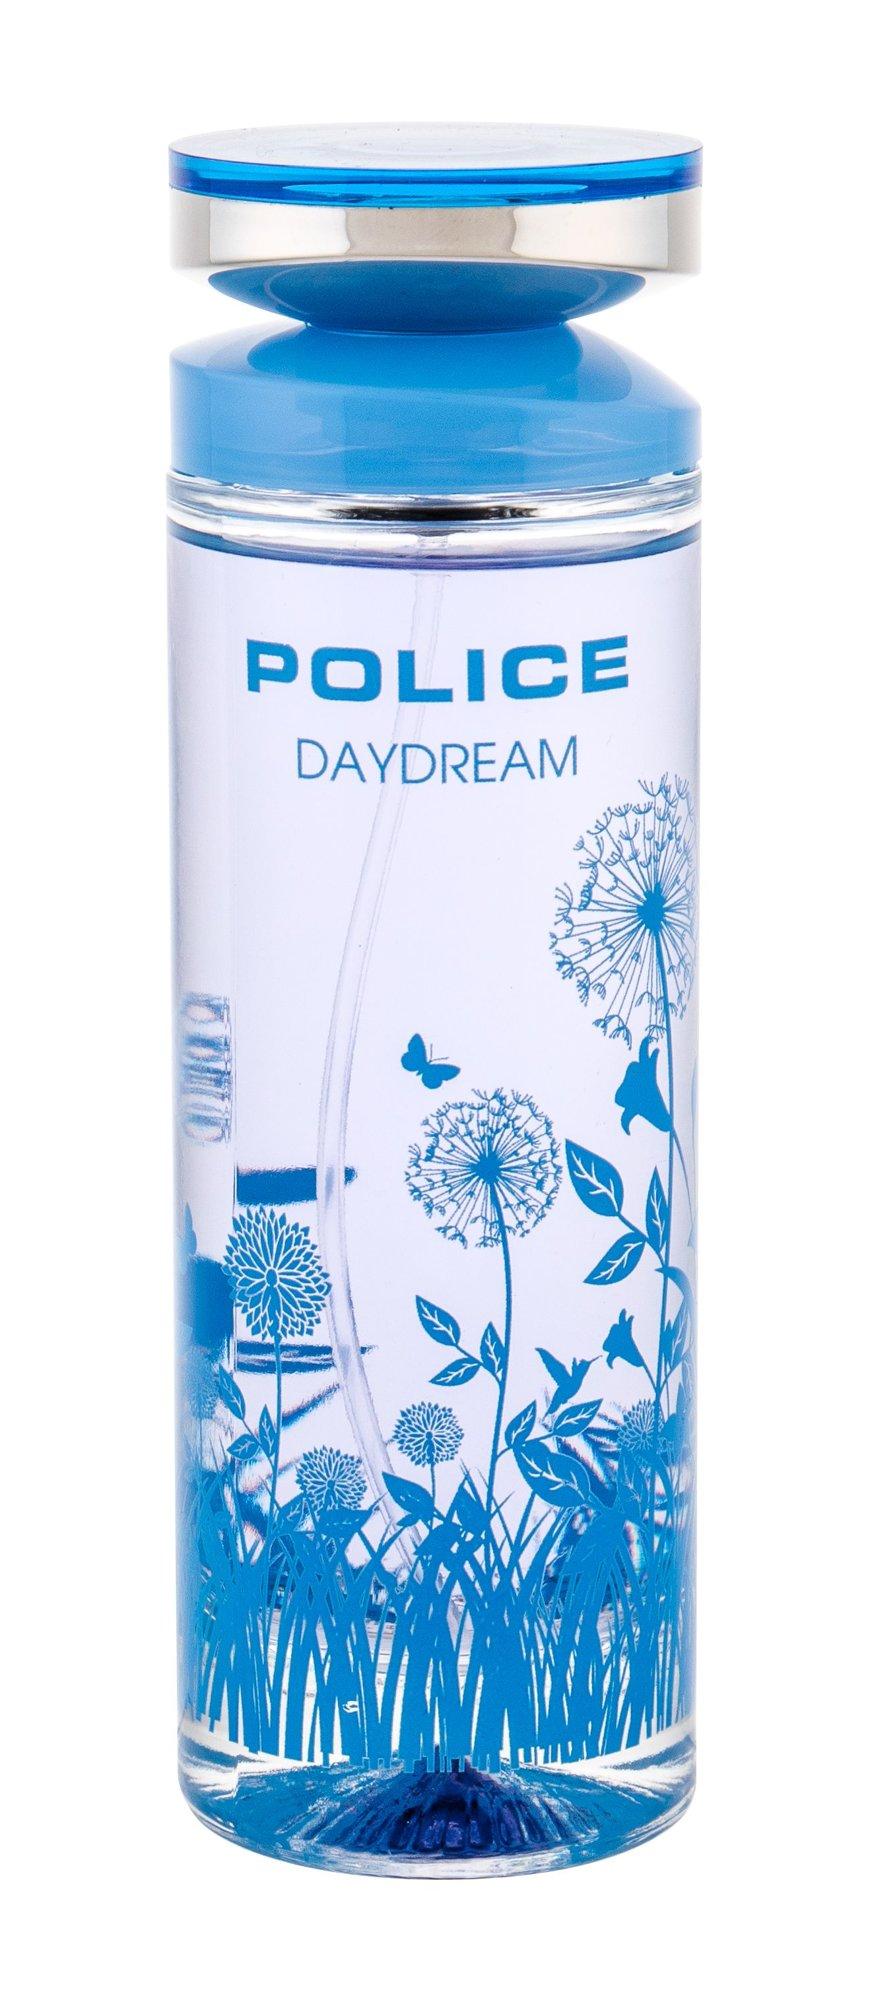 Police Daydream Eau de Toilette 100ml